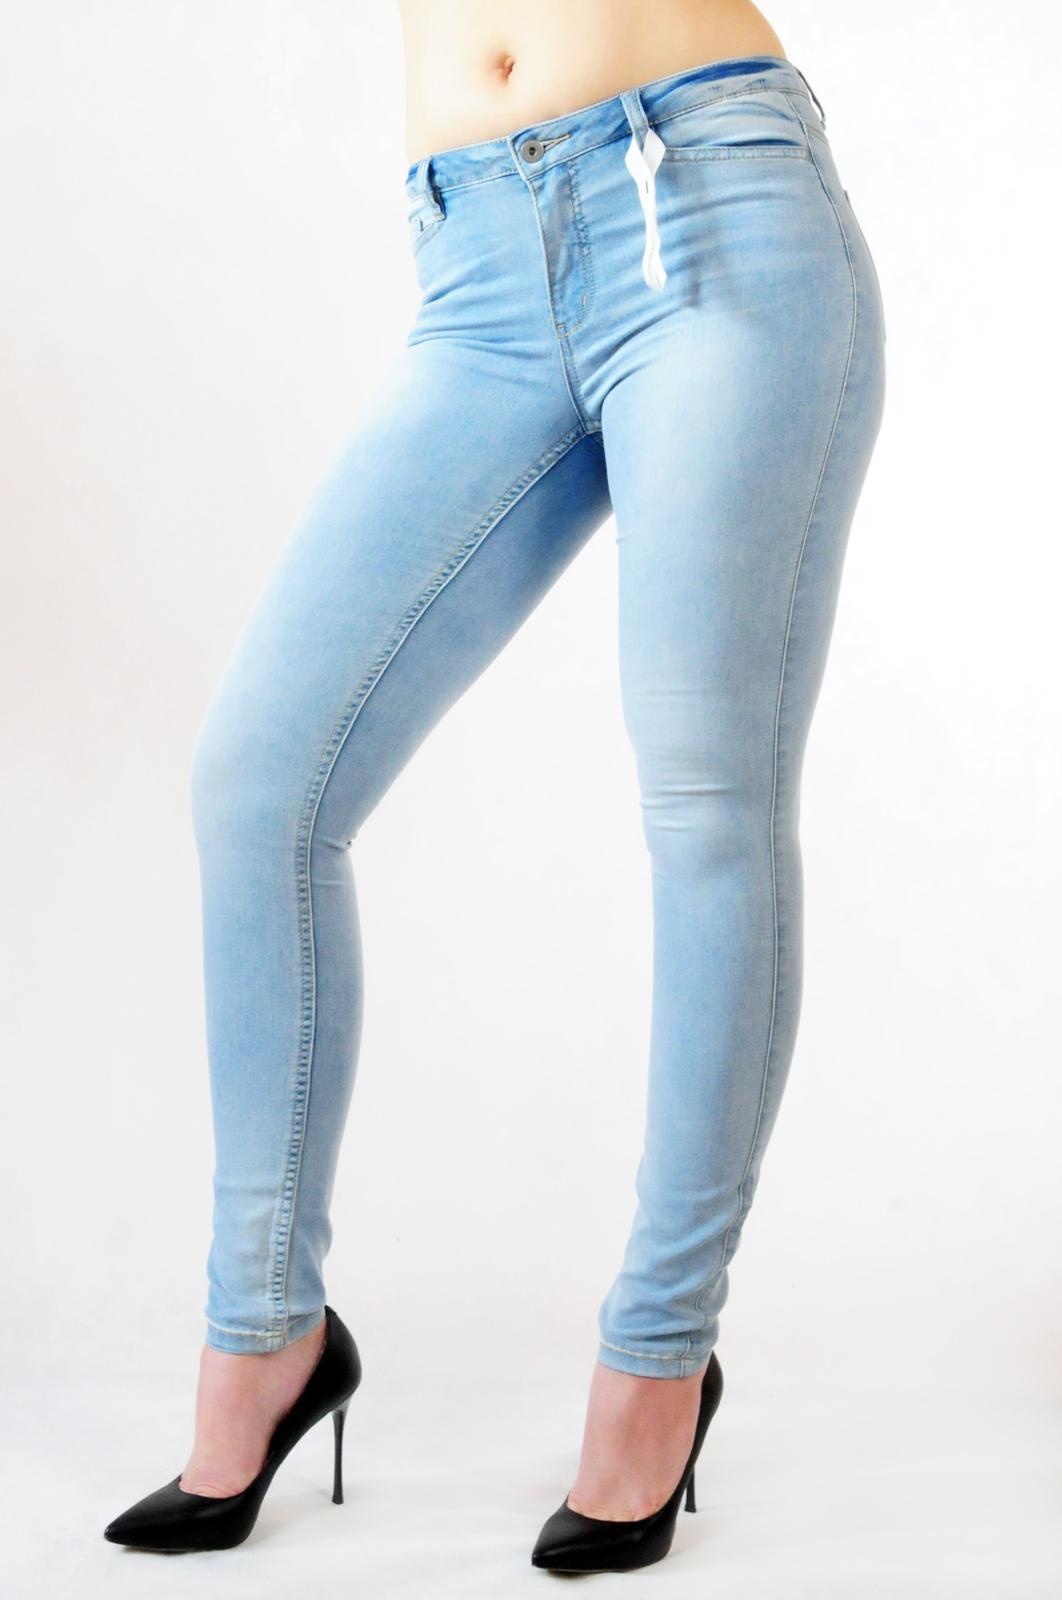 b46f75437499 Возбуждающие мужчин женские джинсы от Vero Moda® - чистый секс!